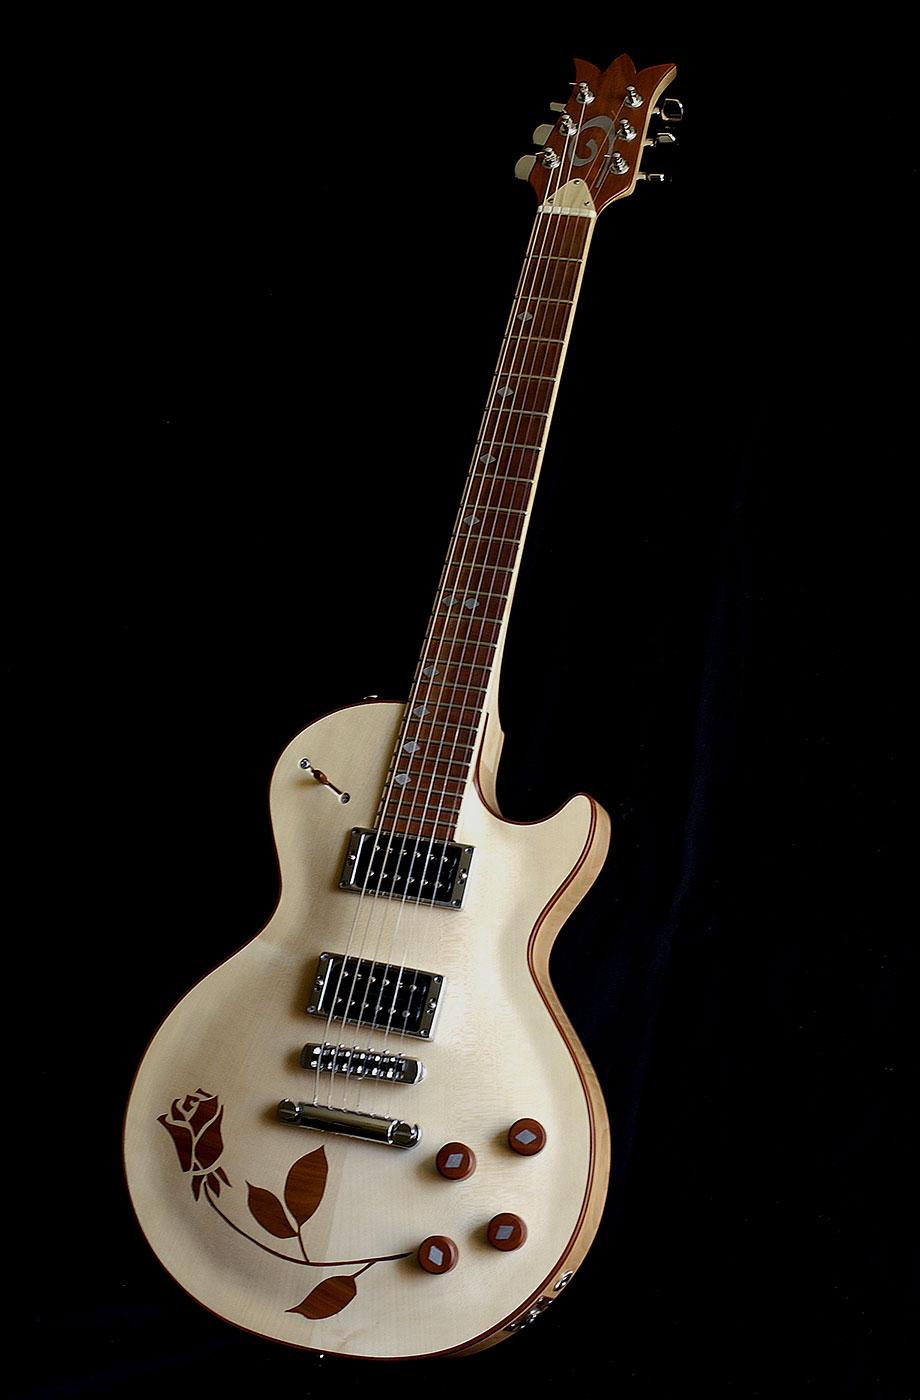 la_rose_guitar_danou